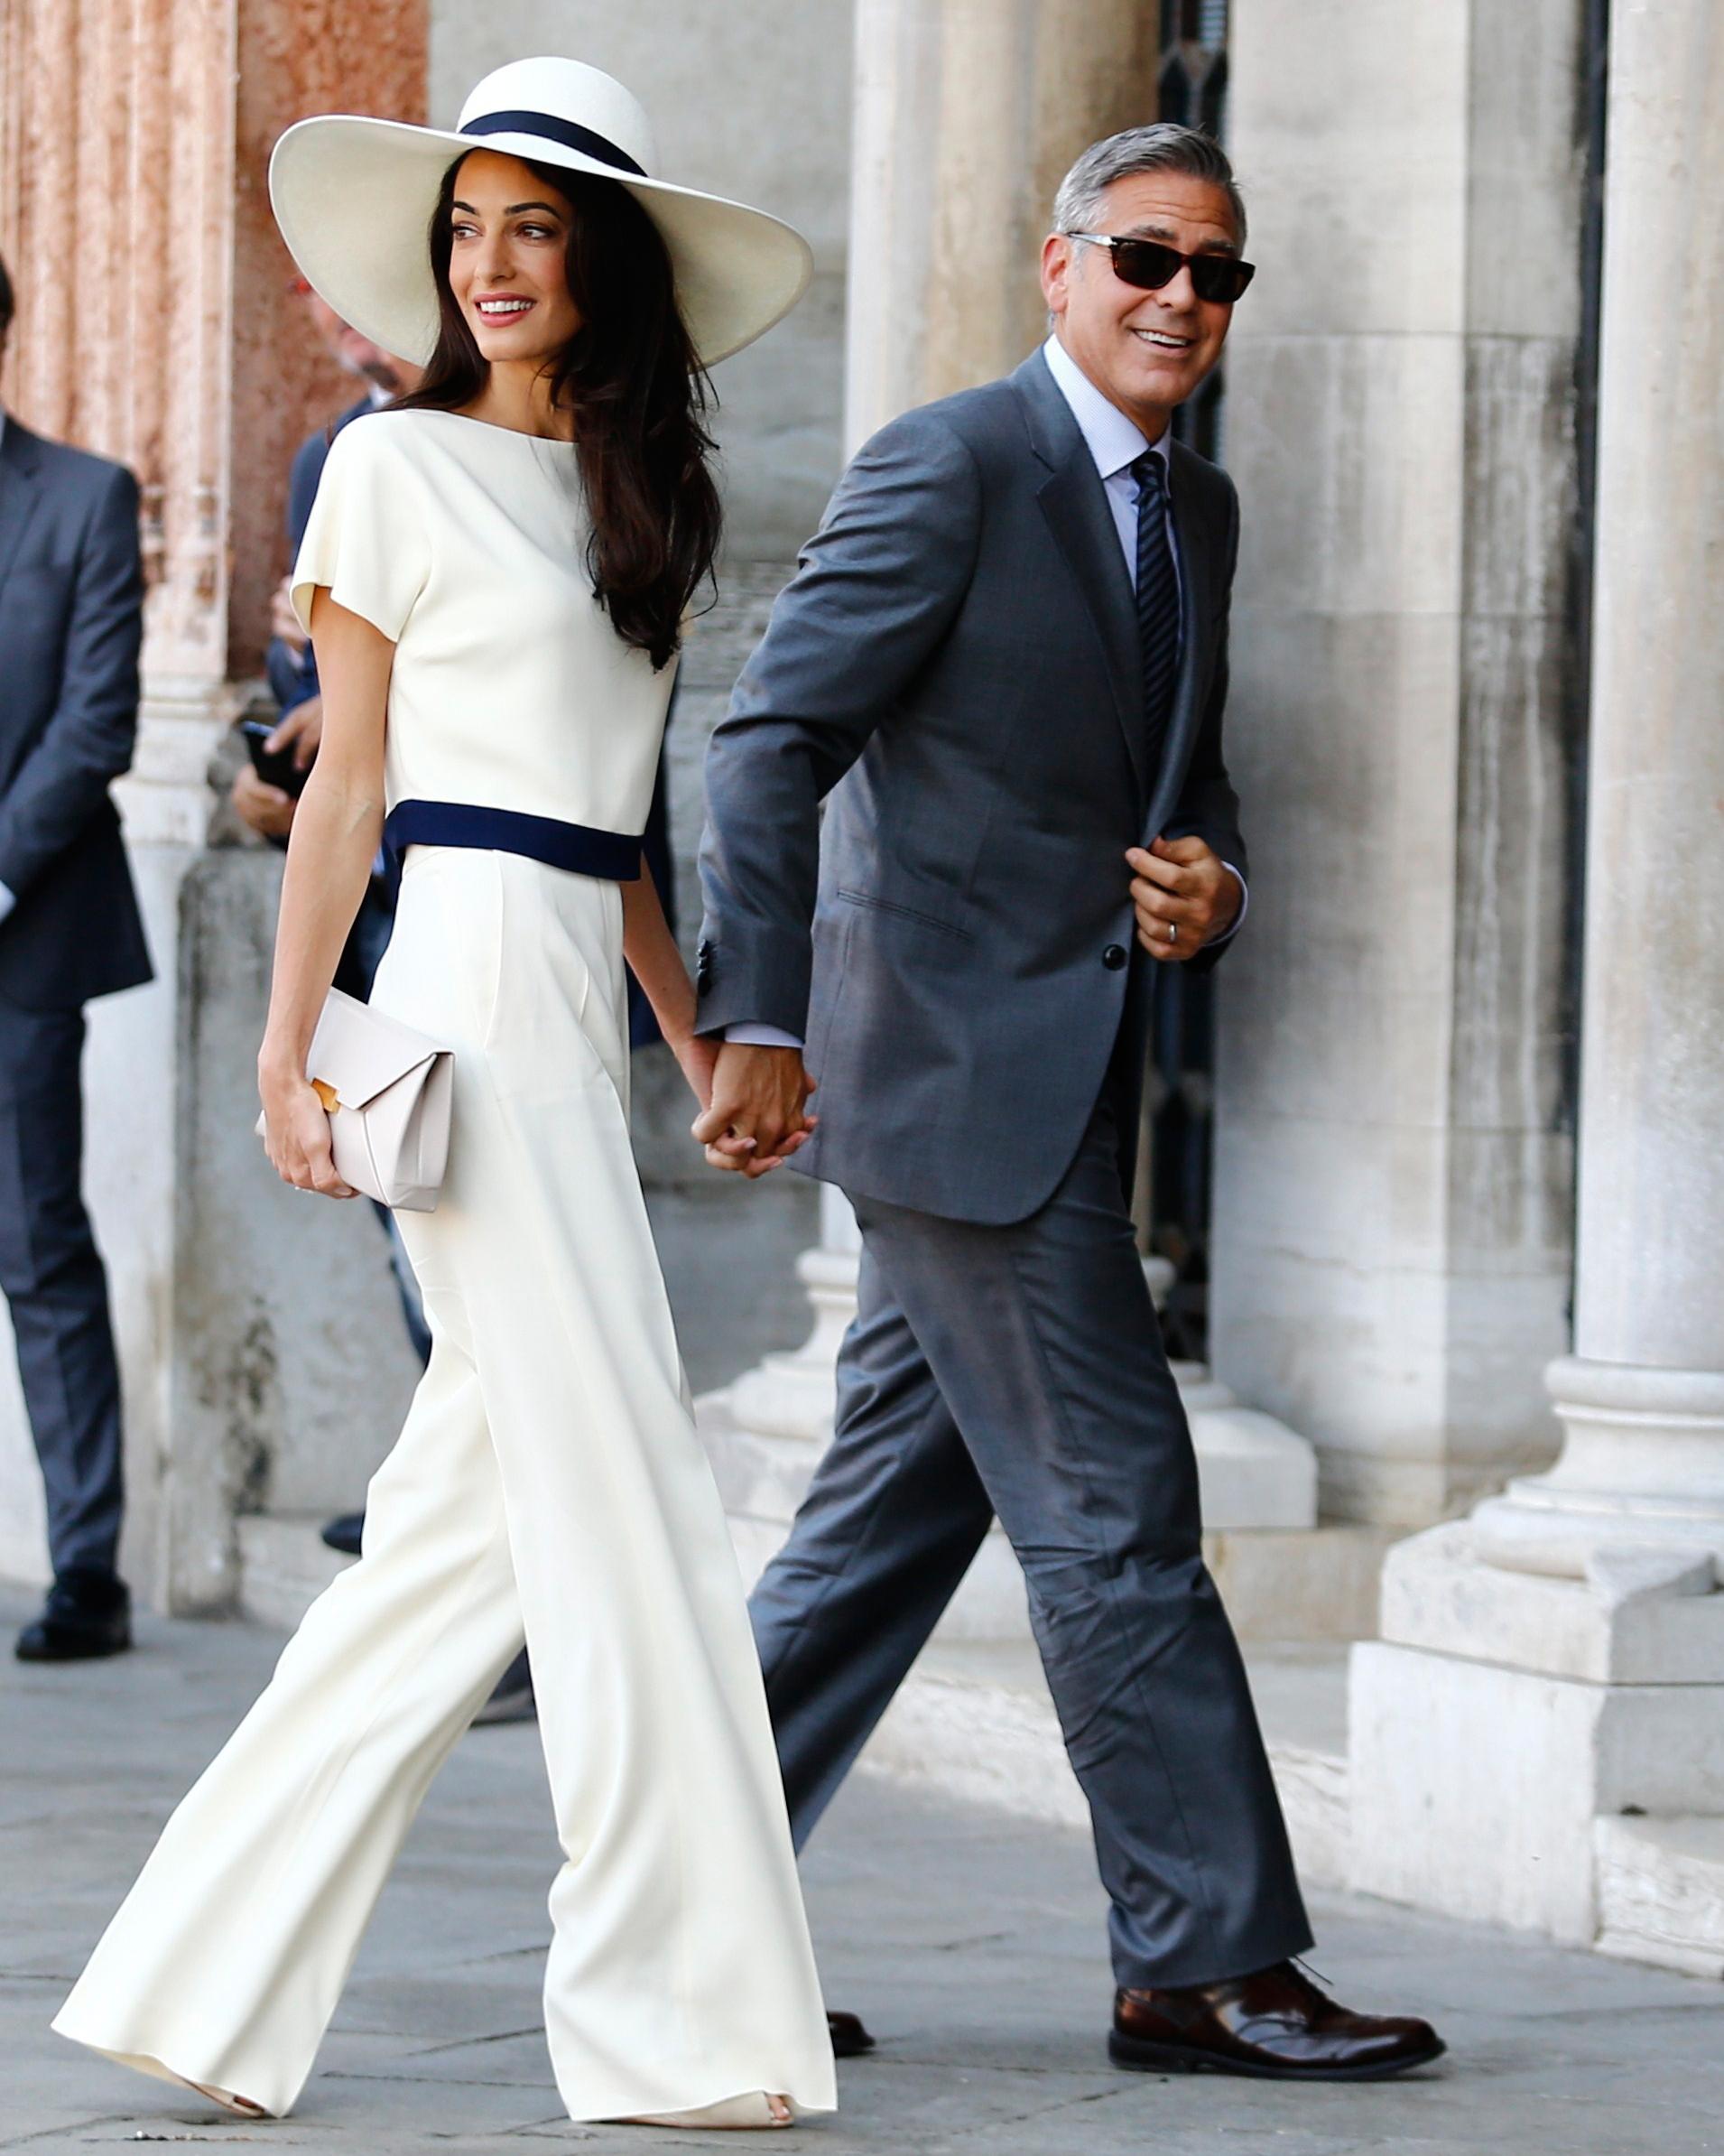 year-in-weddings-george-amal-clooney-1214.jpg